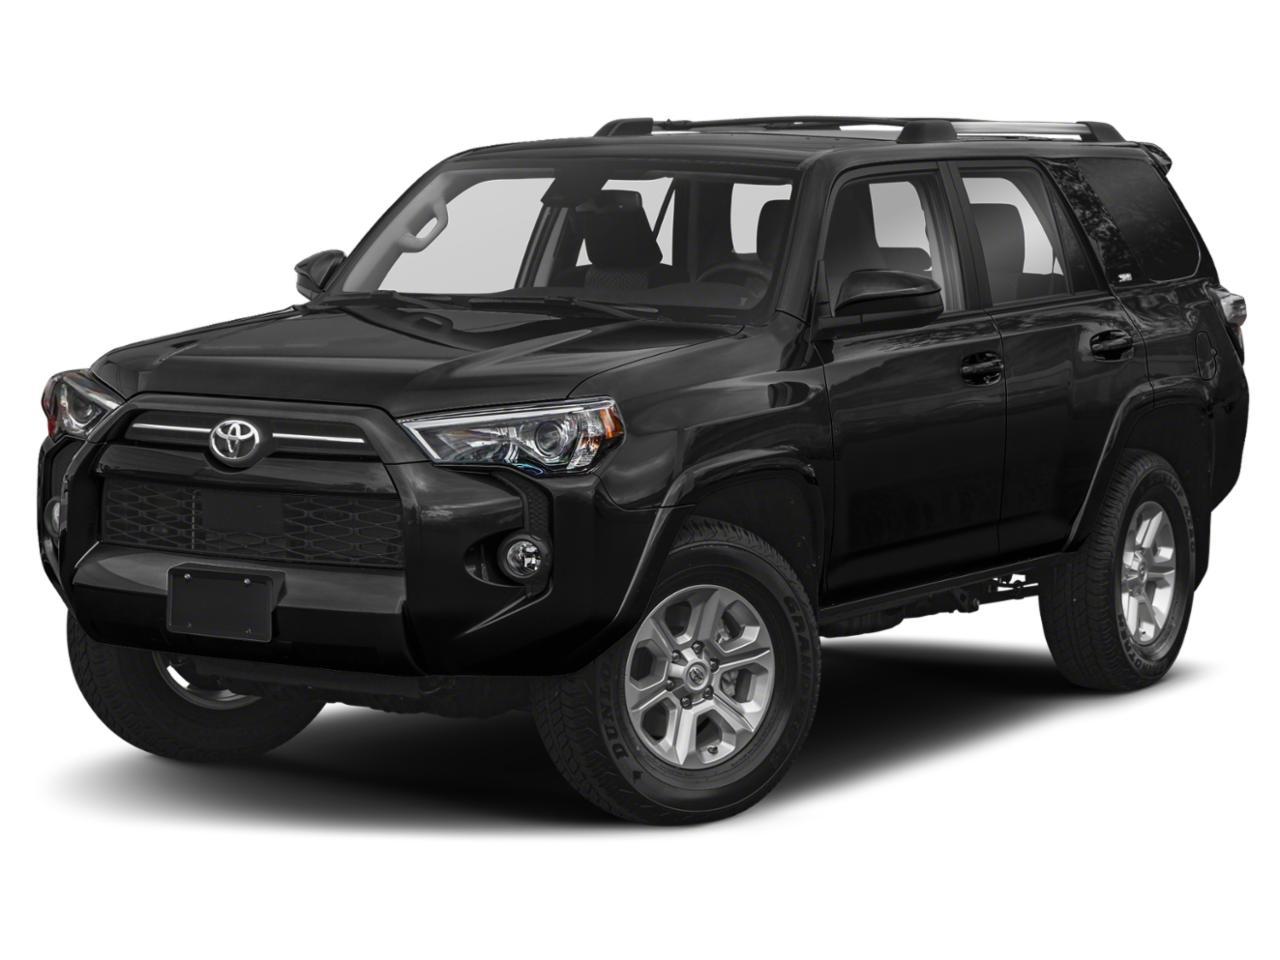 2020 Toyota 4Runner Vehicle Photo in Greensboro, NC 27405